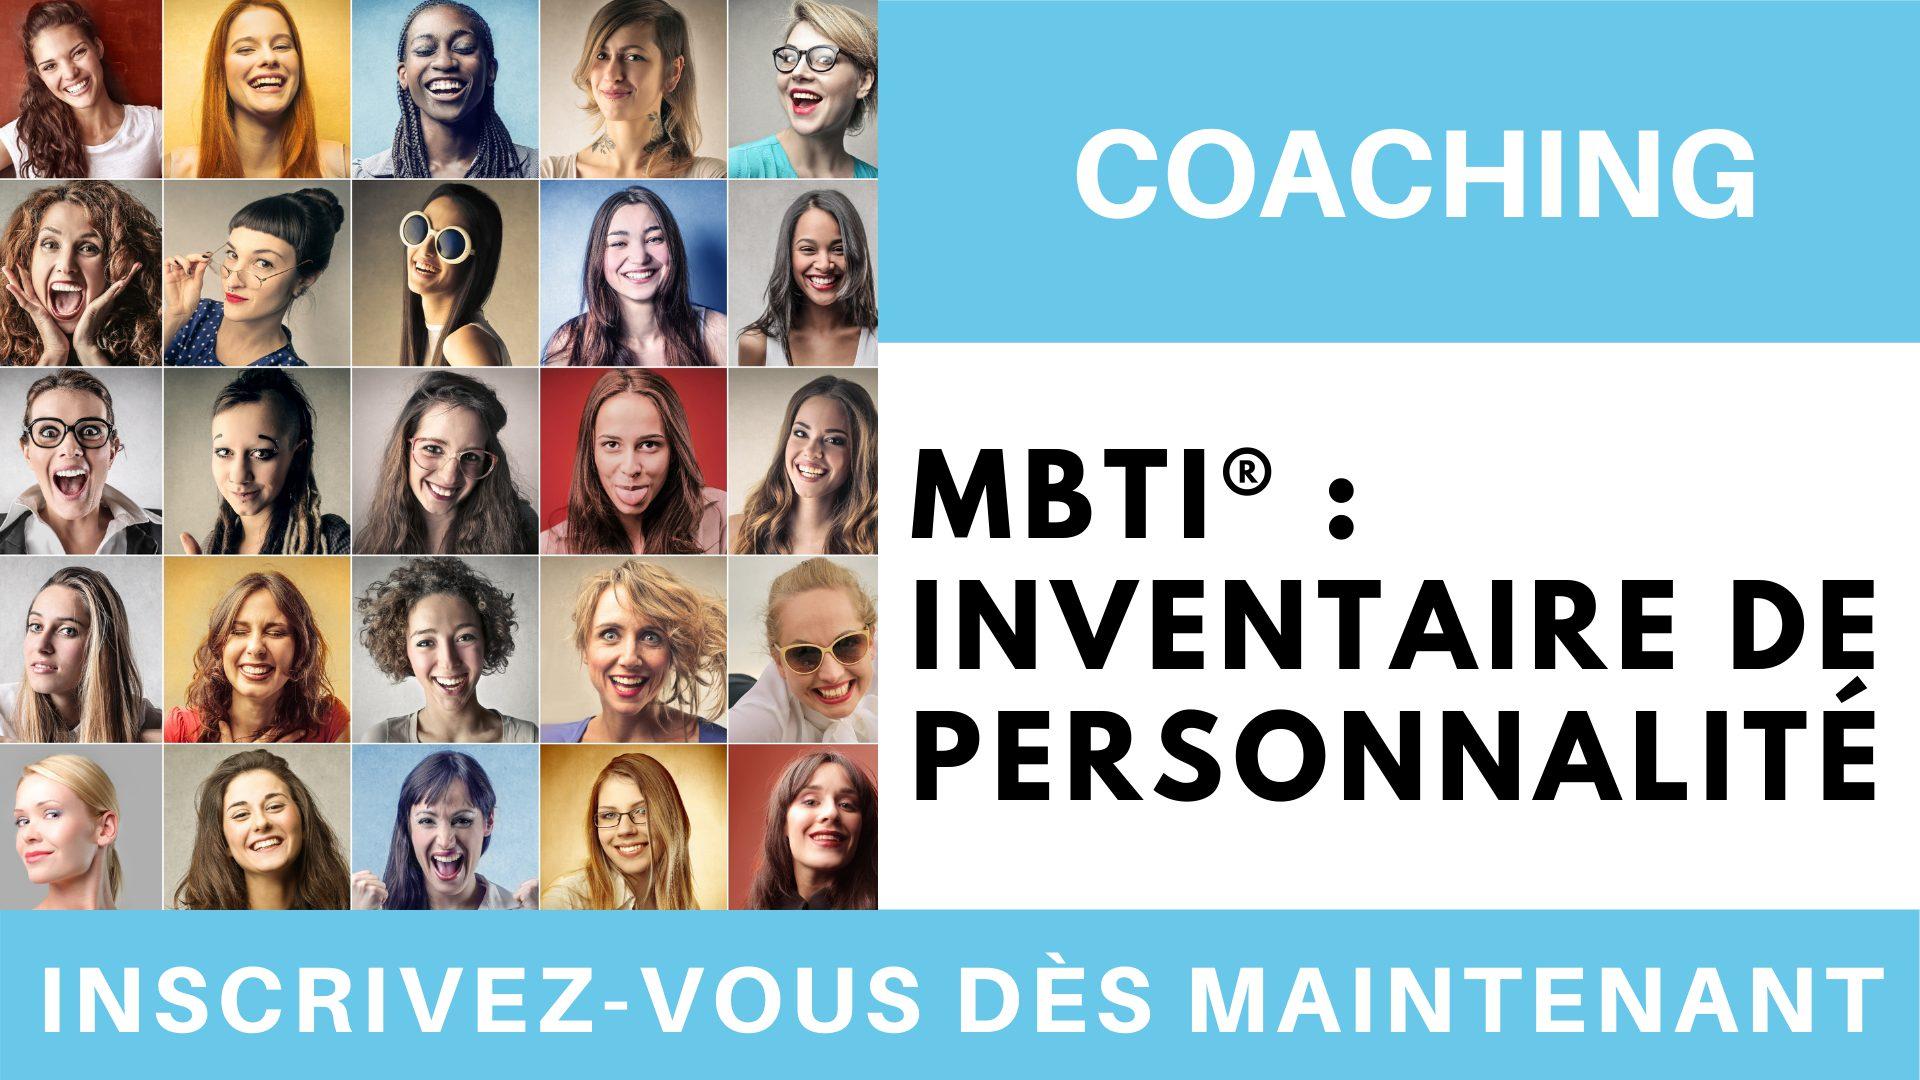 MBTI® _ inventaire de personnalité